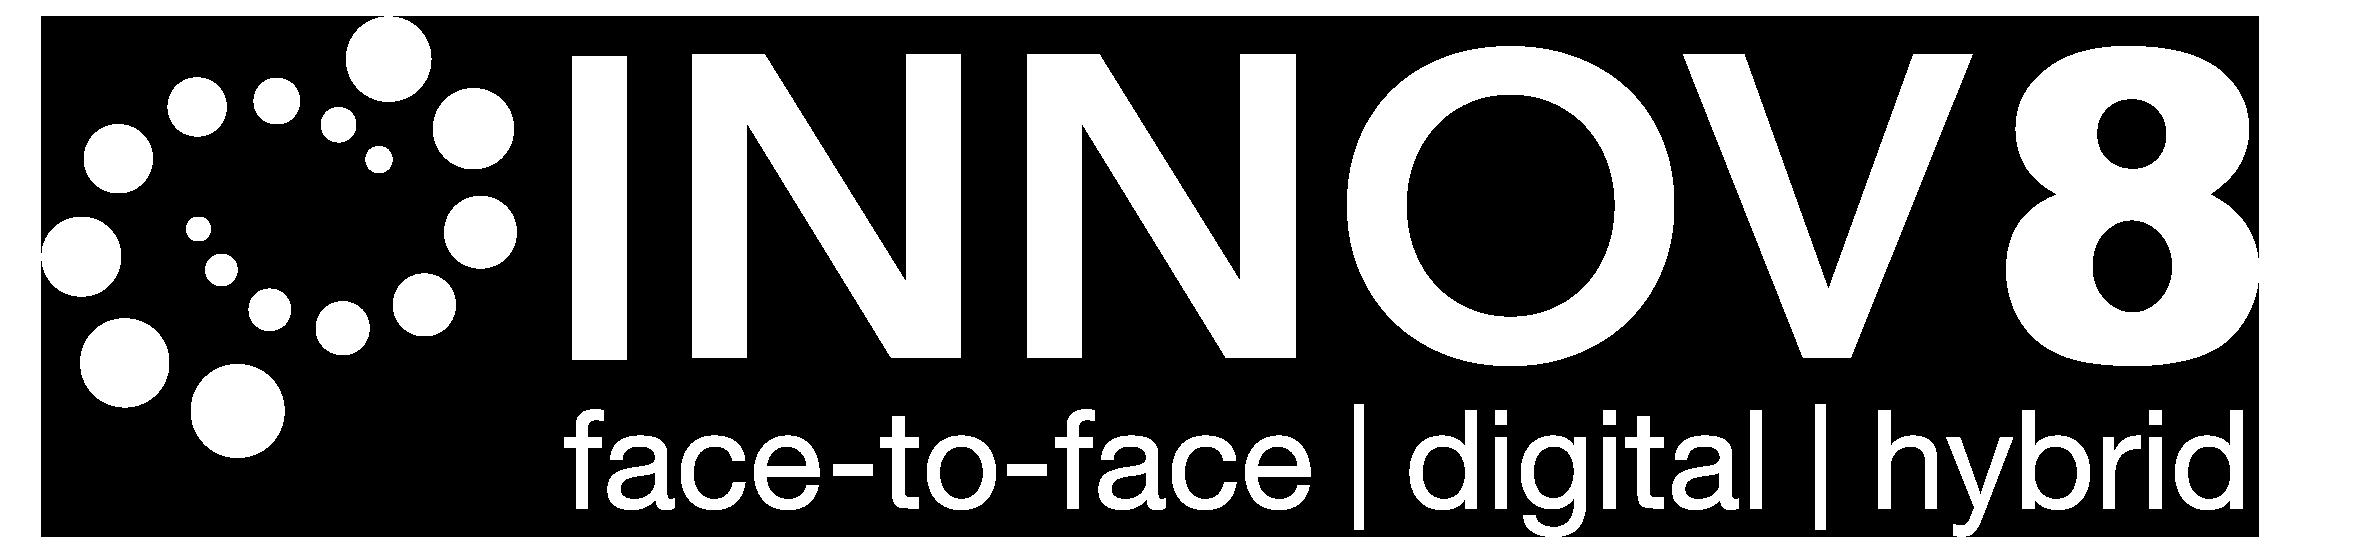 INNOV8 WHITE